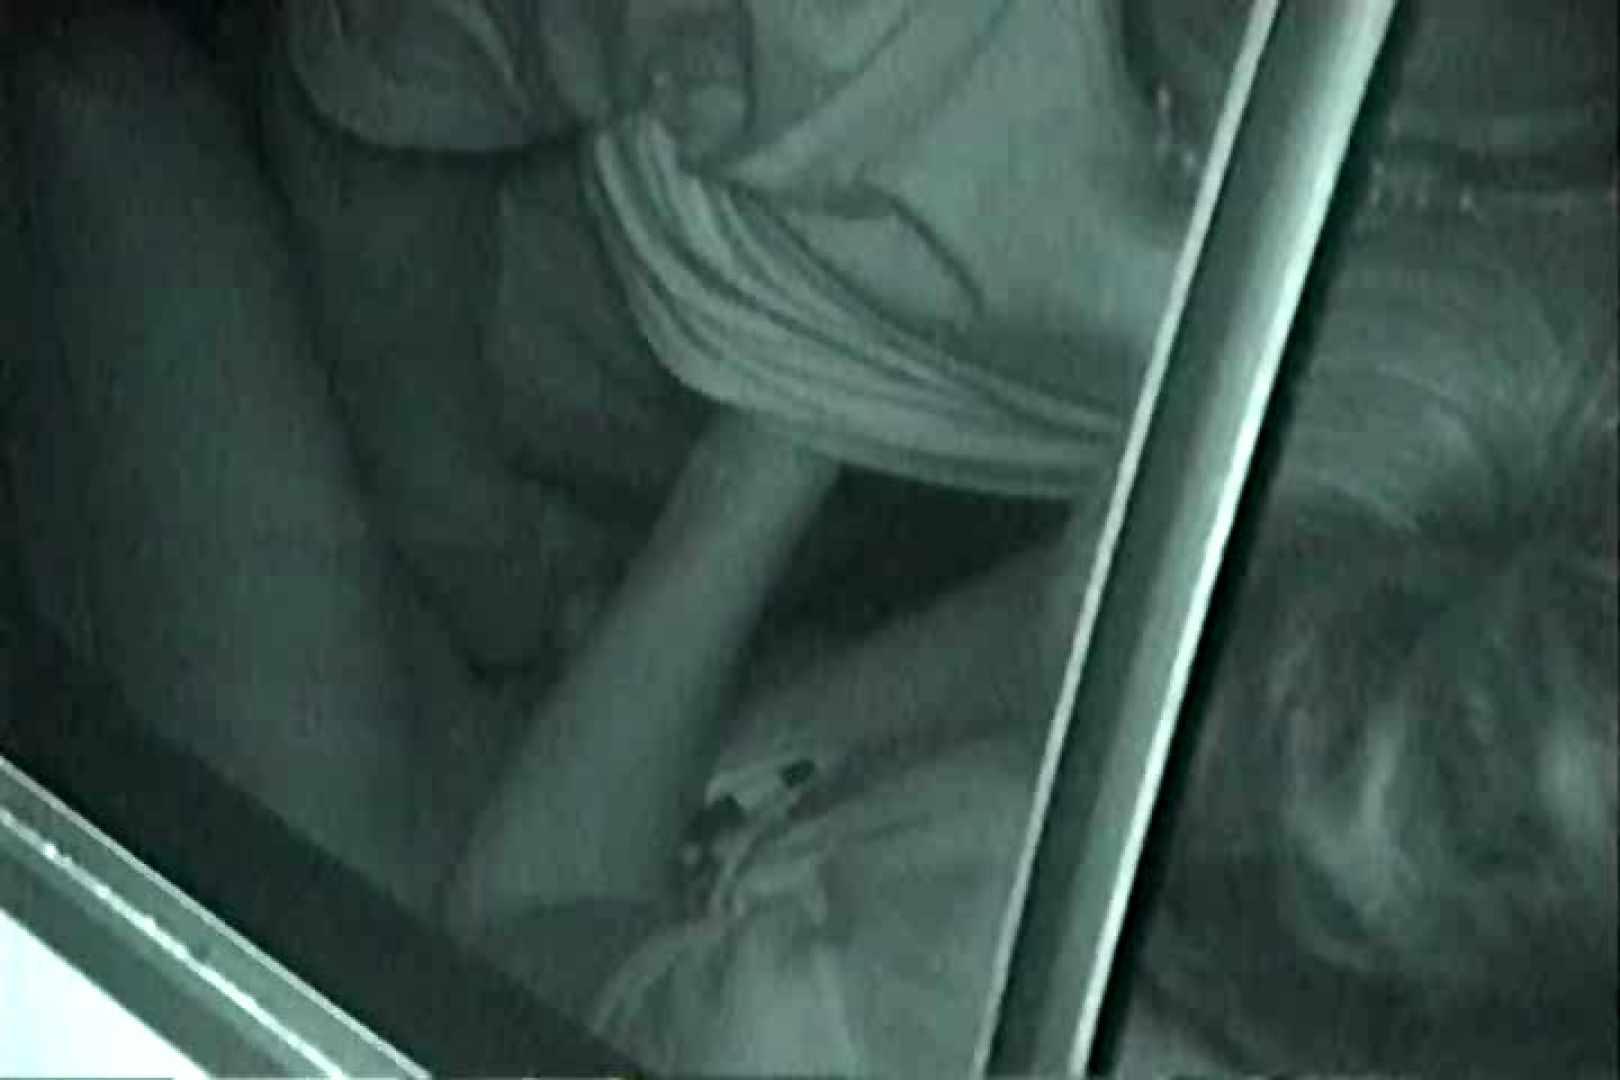 充血監督の深夜の運動会Vol.128 OLエロ画像   カーセックス  50PICs 49